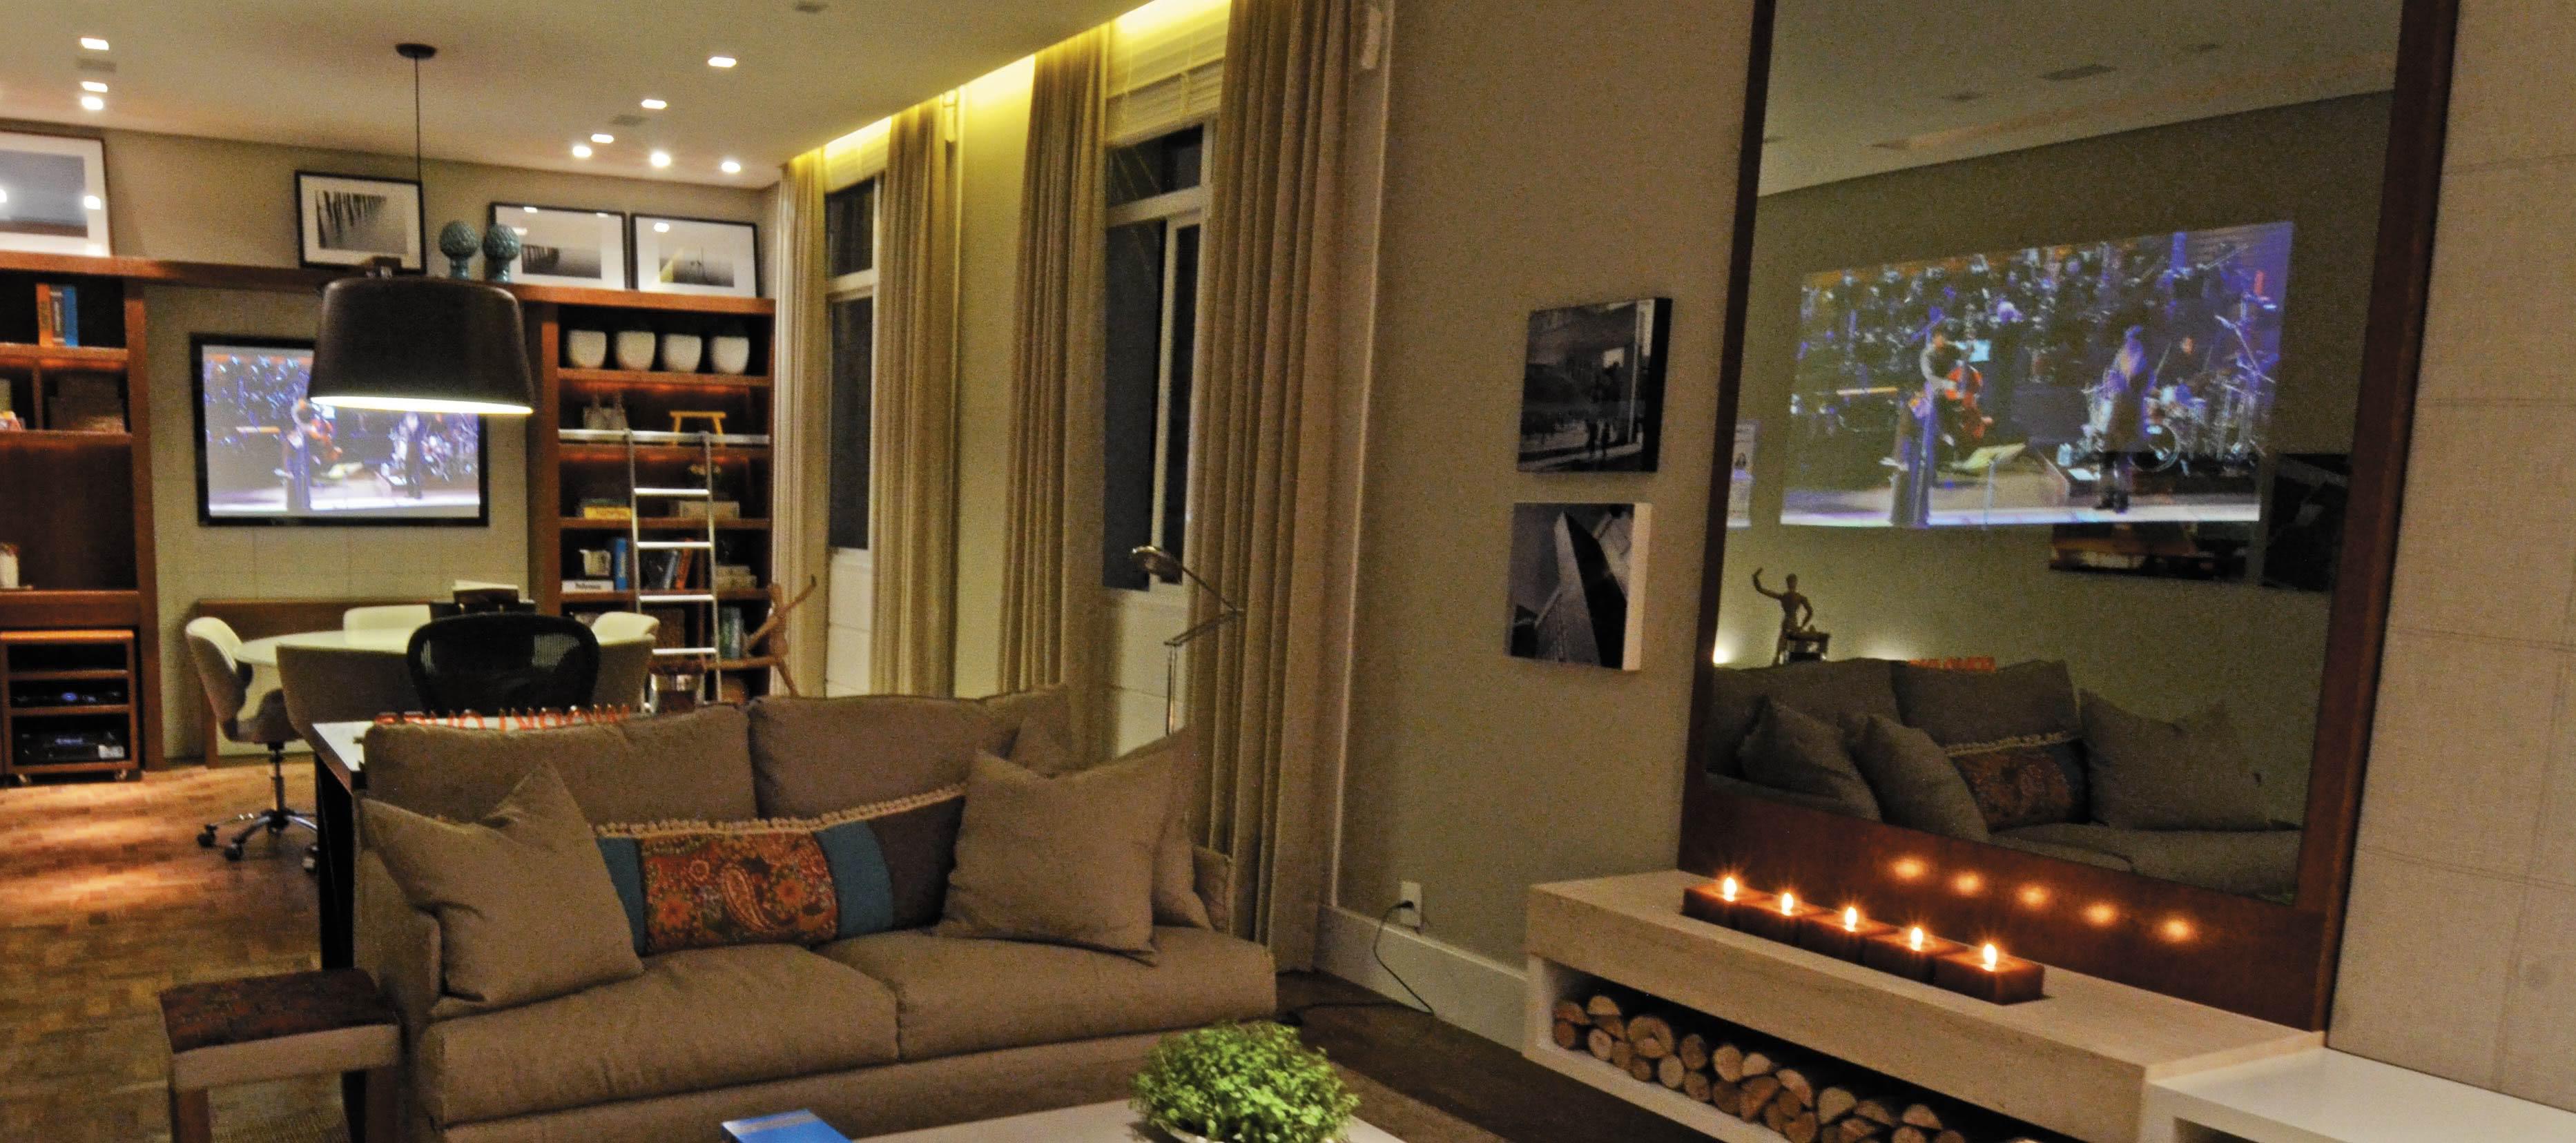 50 Tvs Embutidas Em Vidros Espelhos E Portas Decoradas -> Sala De Tv E Som